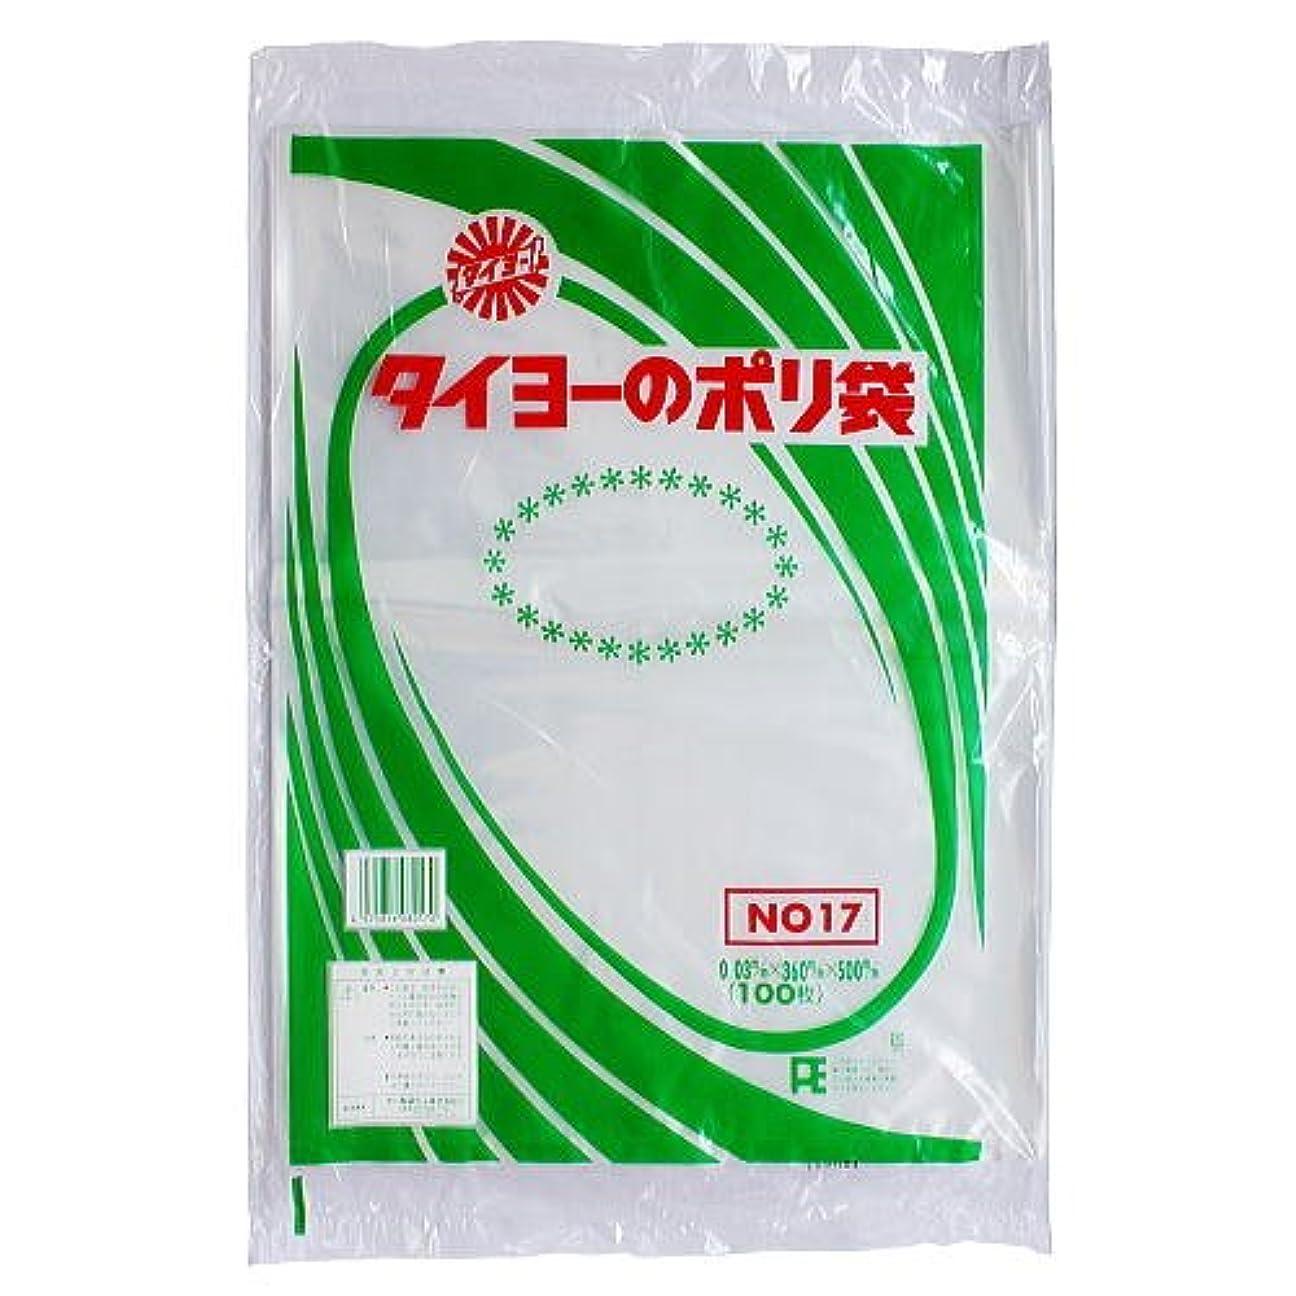 ミット麻酔薬有彩色の中川製袋化工 タイヨーのポリ袋 100枚入り ×5個